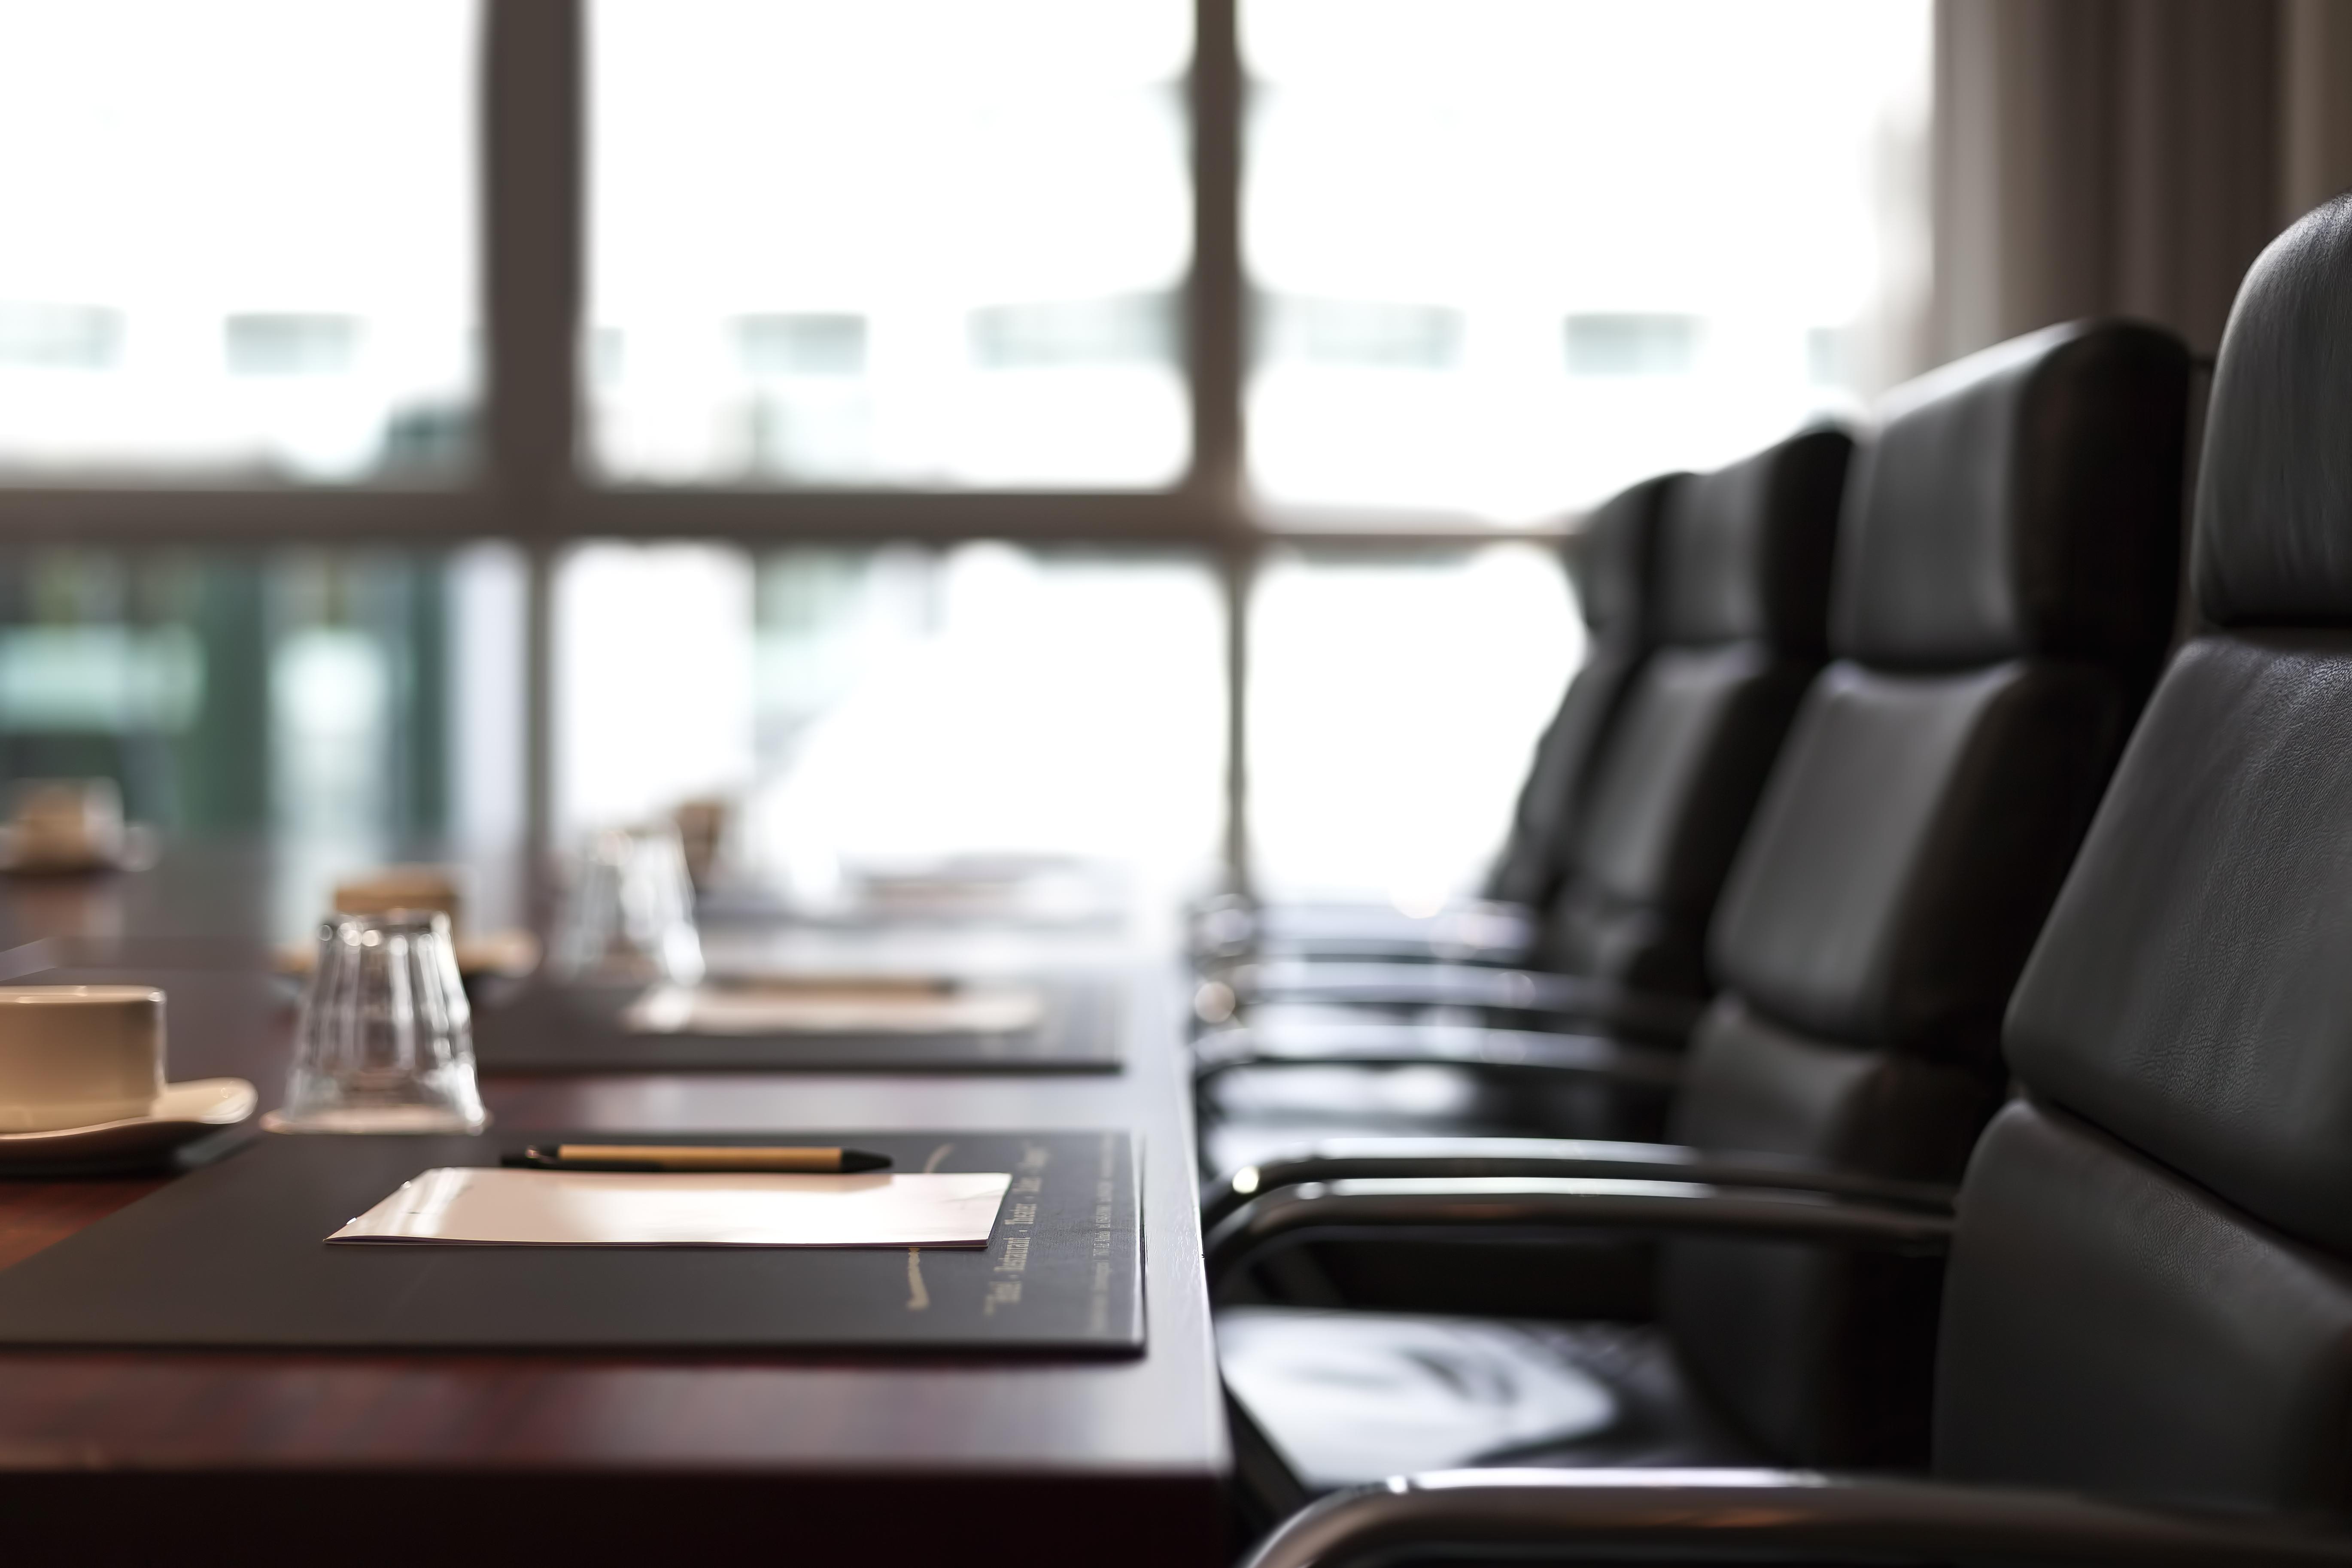 Konszolidáció: új tárgyalópartnerre számíthatnak az egészségipar beszállítói